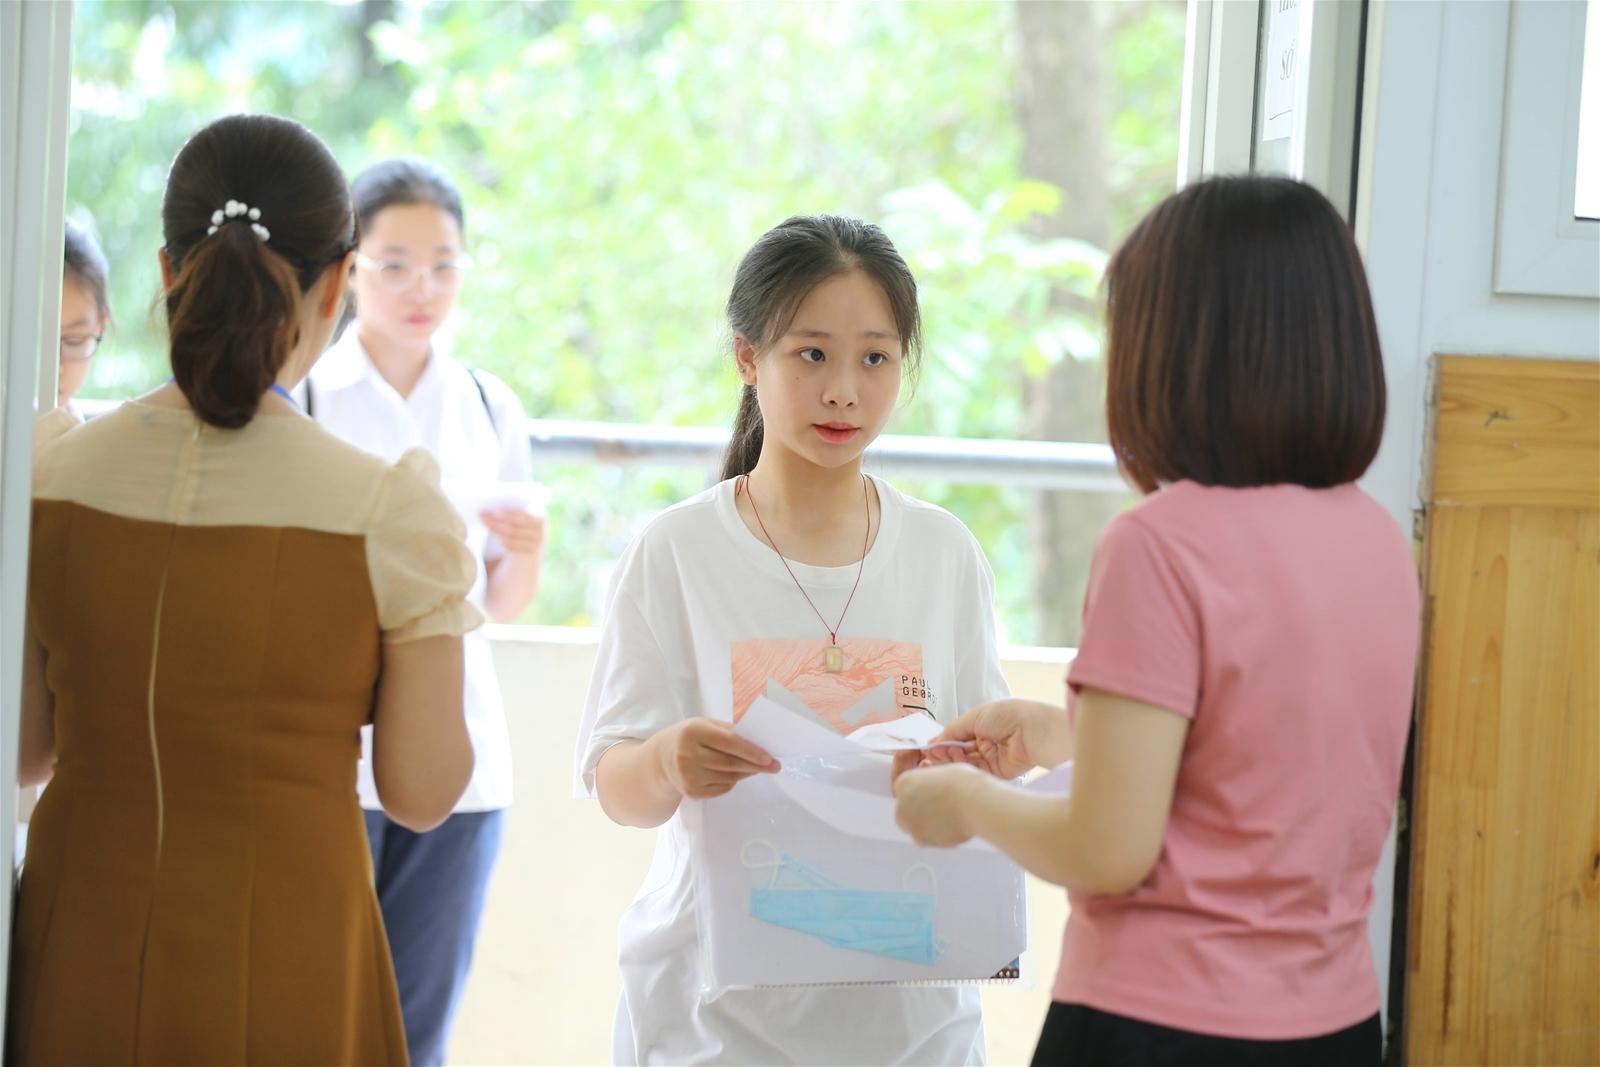 Đề thi môn Ngữ văn vào lớp 10 tại Hà Nội không có các nội dung tinh giản